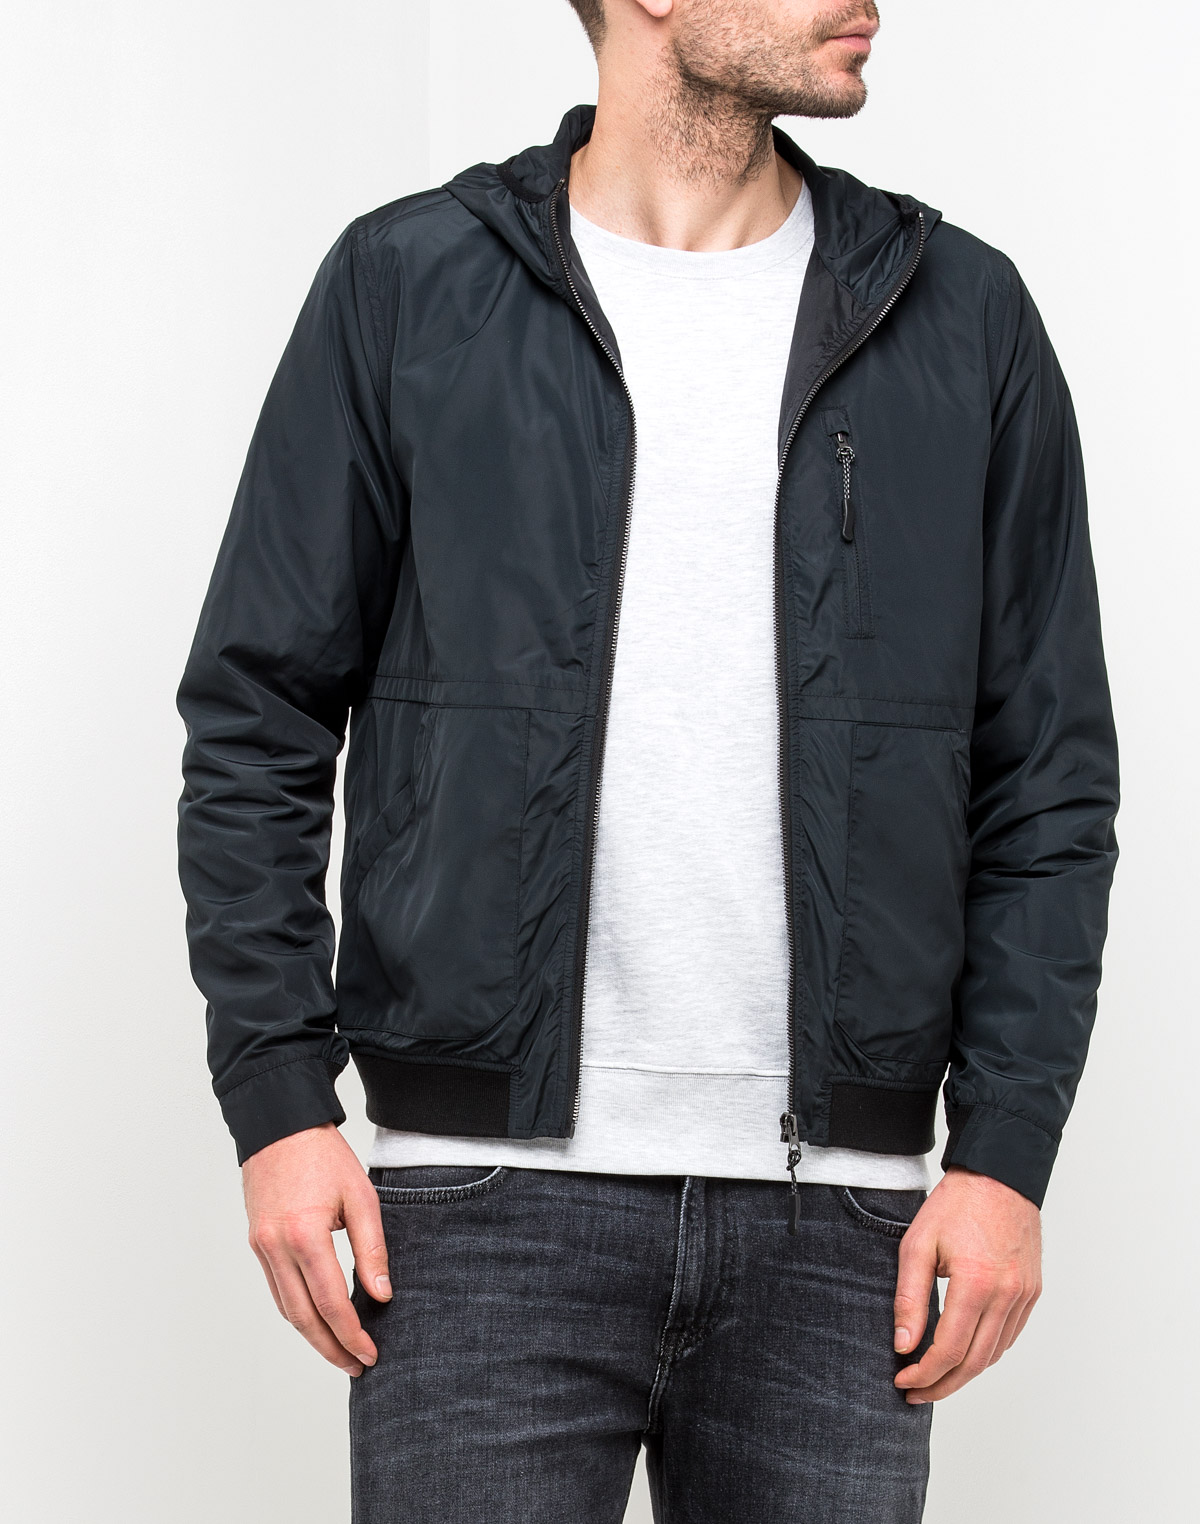 Куртка мужская Lee, цвет: черный. L86GYC01. Размер L (50)L86GYC01Мужская куртка Lee станет стильным дополнением к вашему гардеробу. Модель выполнена из 100% полиэстера и застегивается на молнию. Низ изделия дополнен широкой эластичной резинкой. Спереди расположены три прорезных кармана.Эта стильная и модная куртка подарит вам тепло и комфорт!